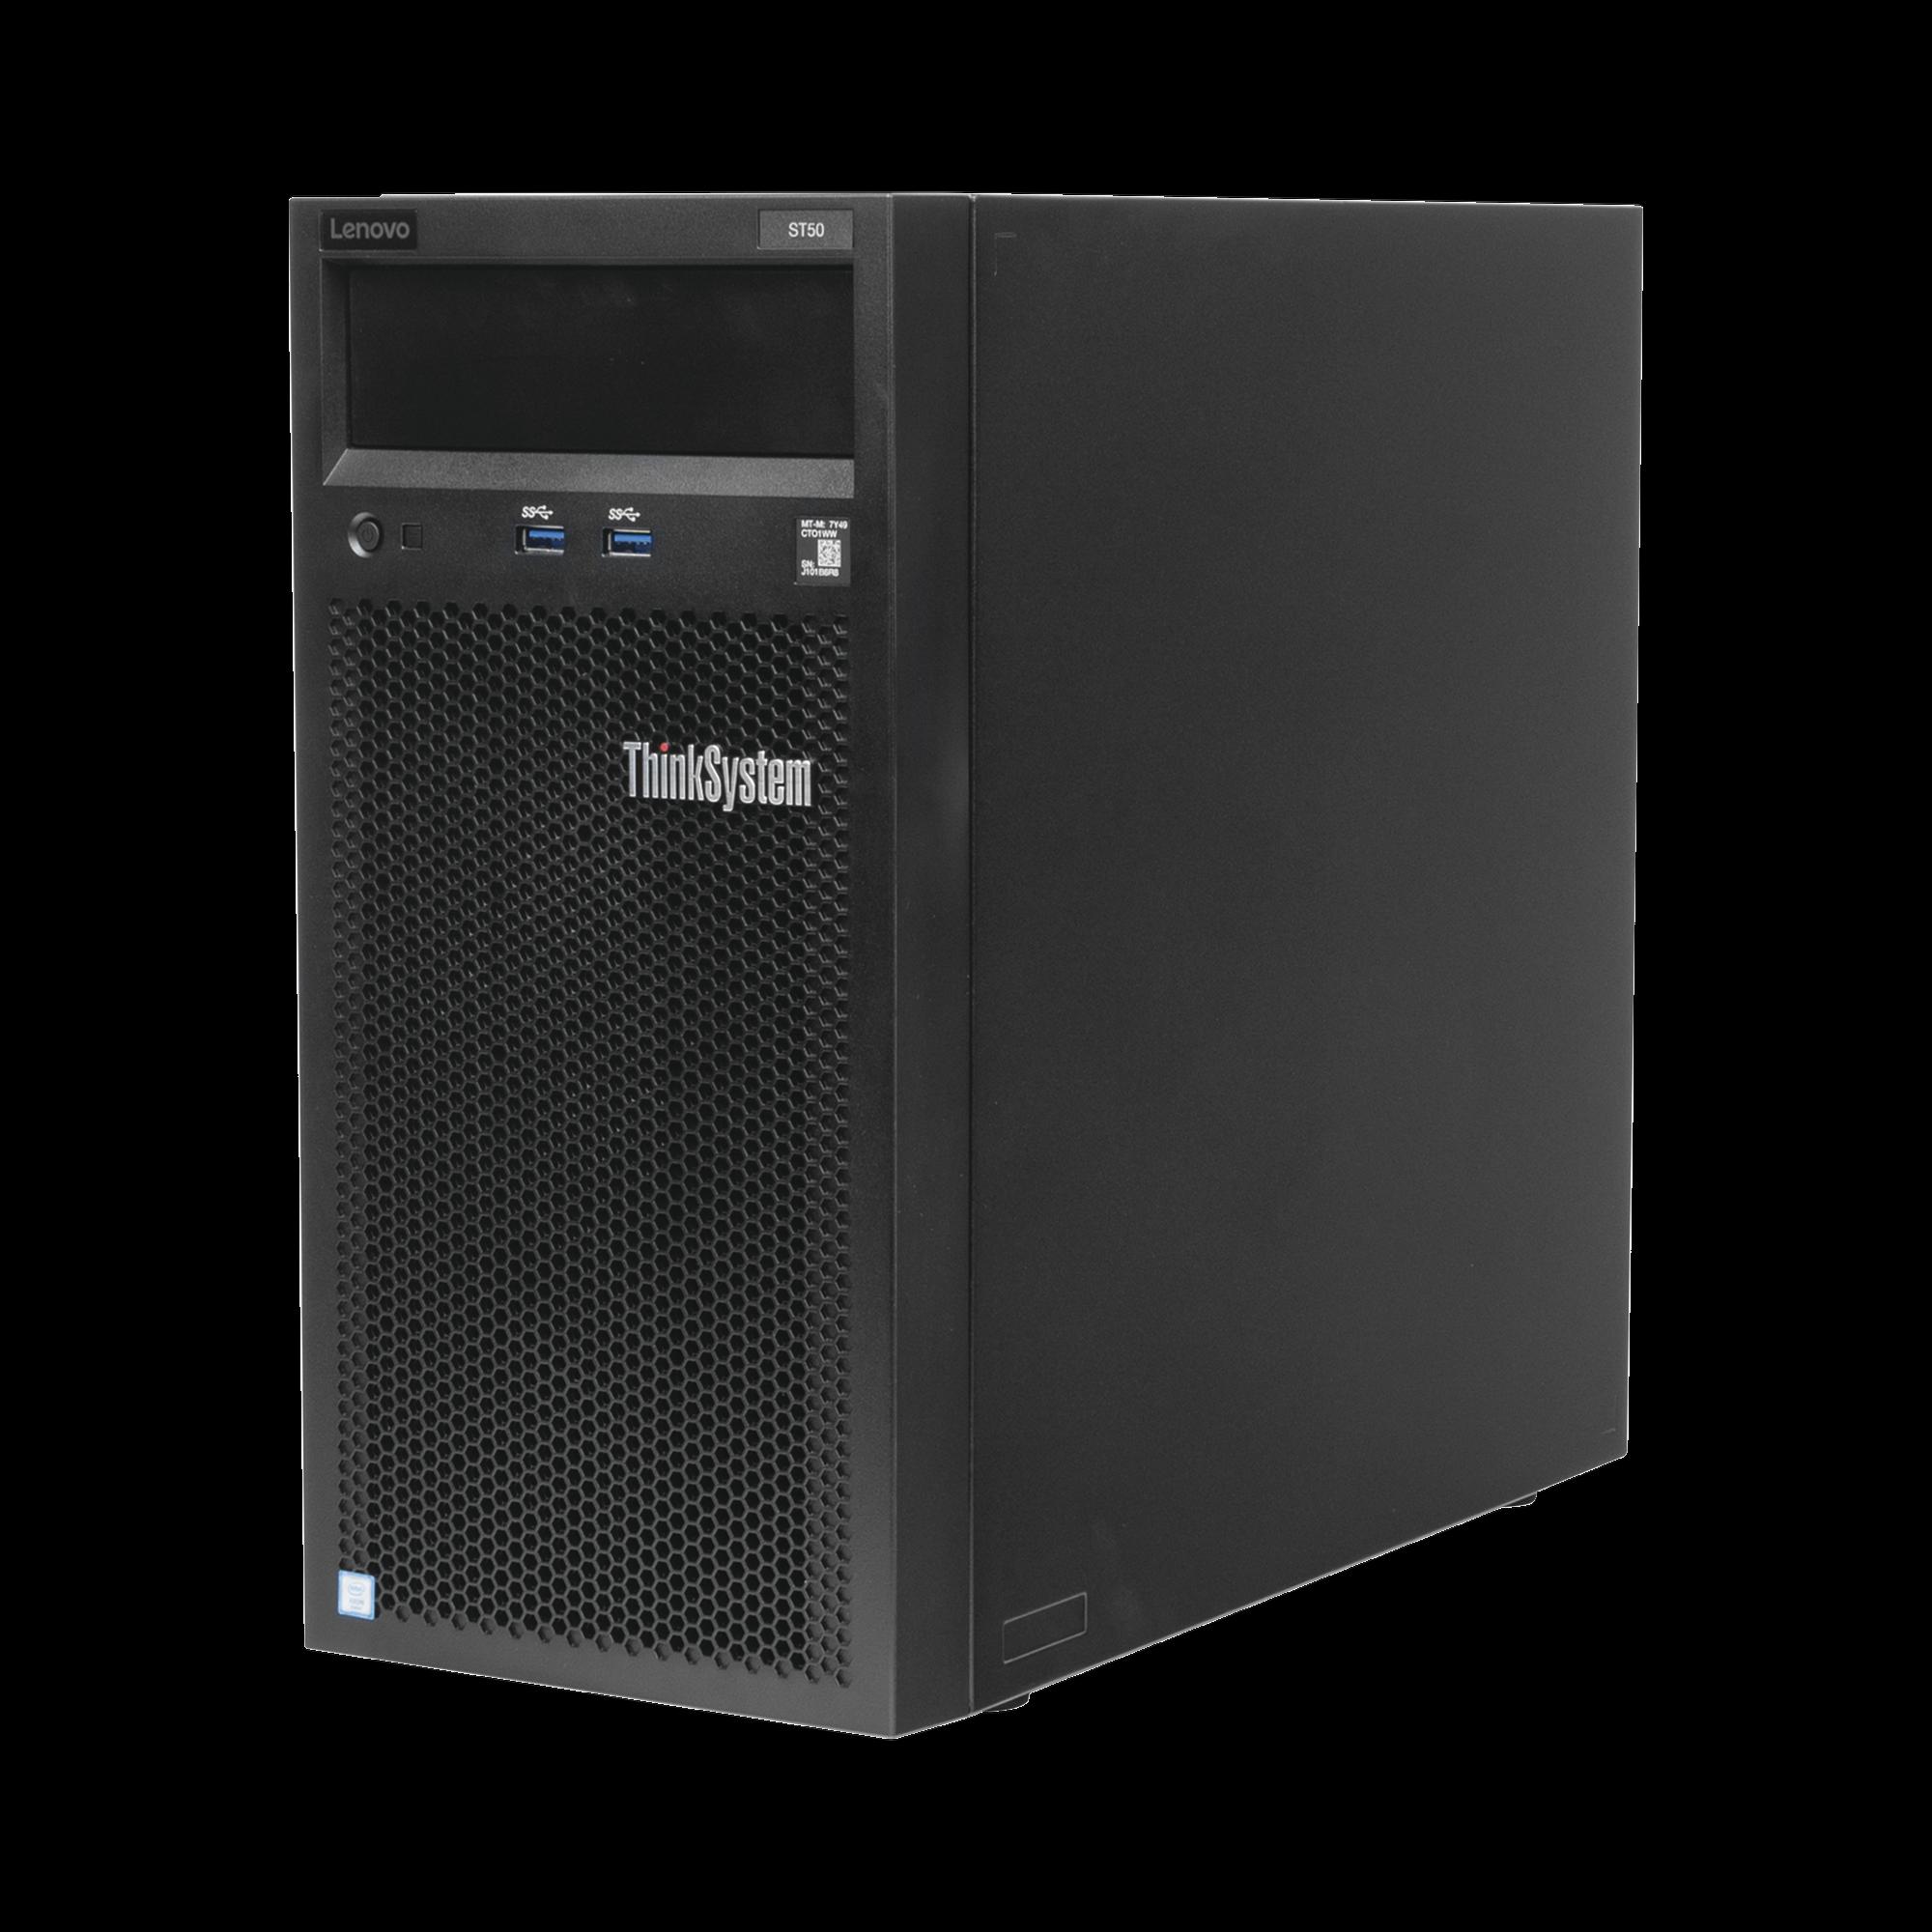 Servidor de administración / Intel Xeon /  1TB SATA / 16GB RAM / Sin Sistema Operativo